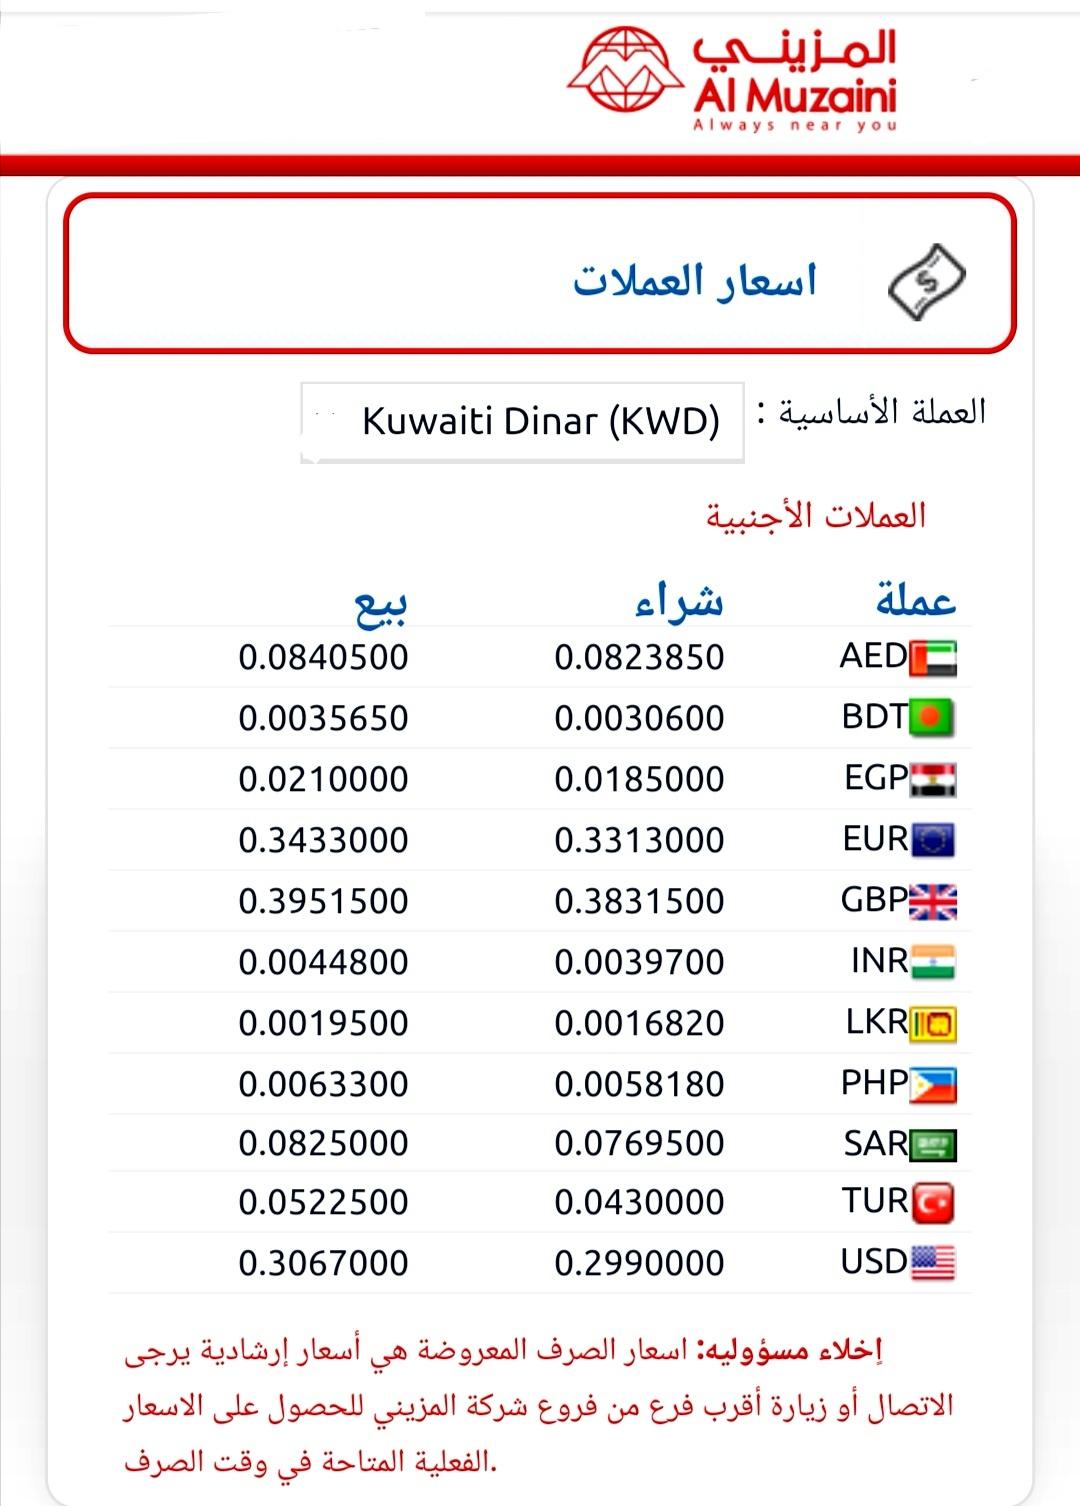 اسعار العملات الاثنين ٢مارس صرافة المزيني